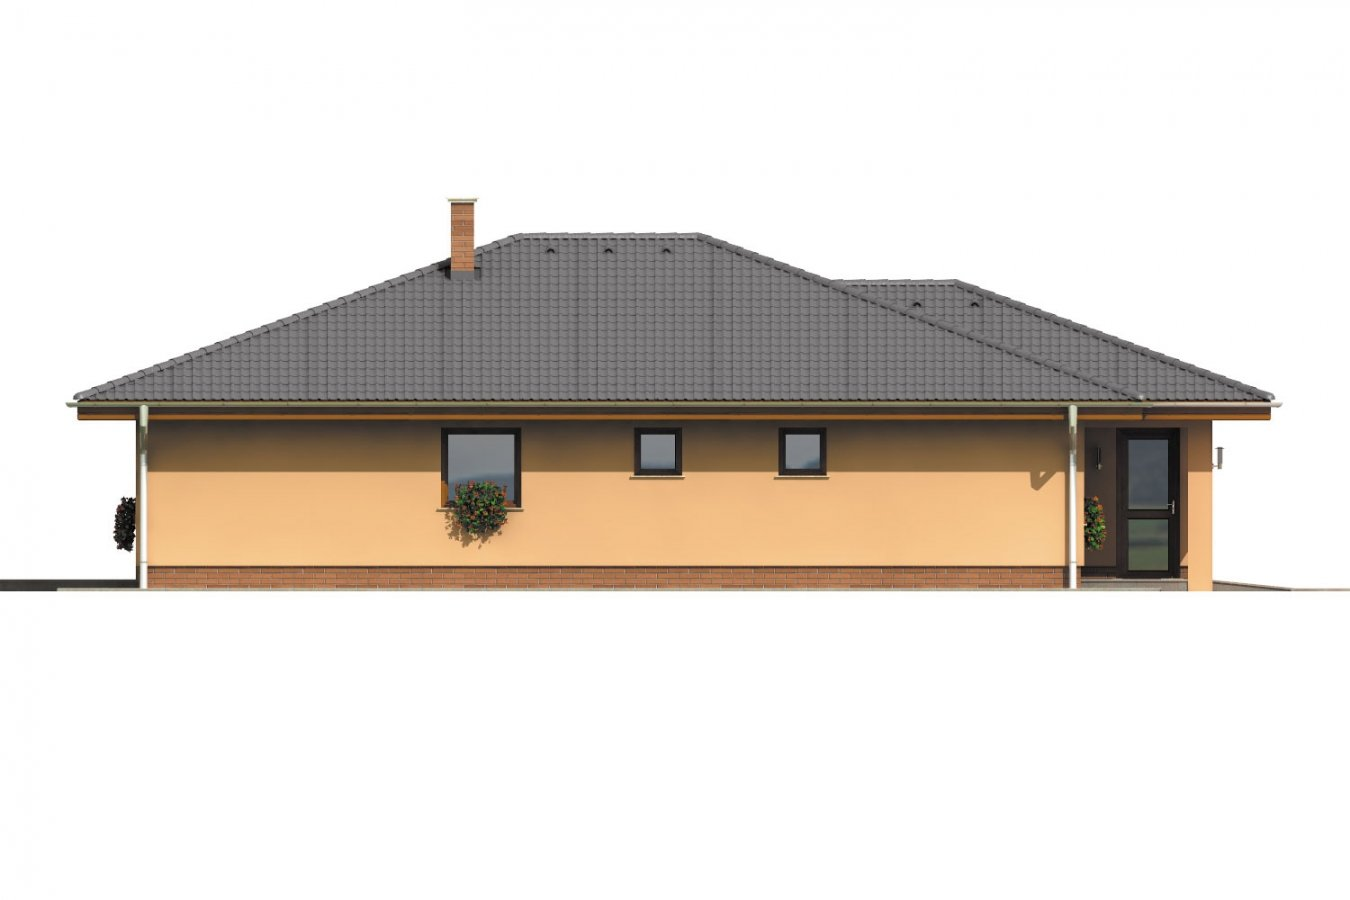 Pohľad 2. - Bungalov s veľkou garážou a terasou